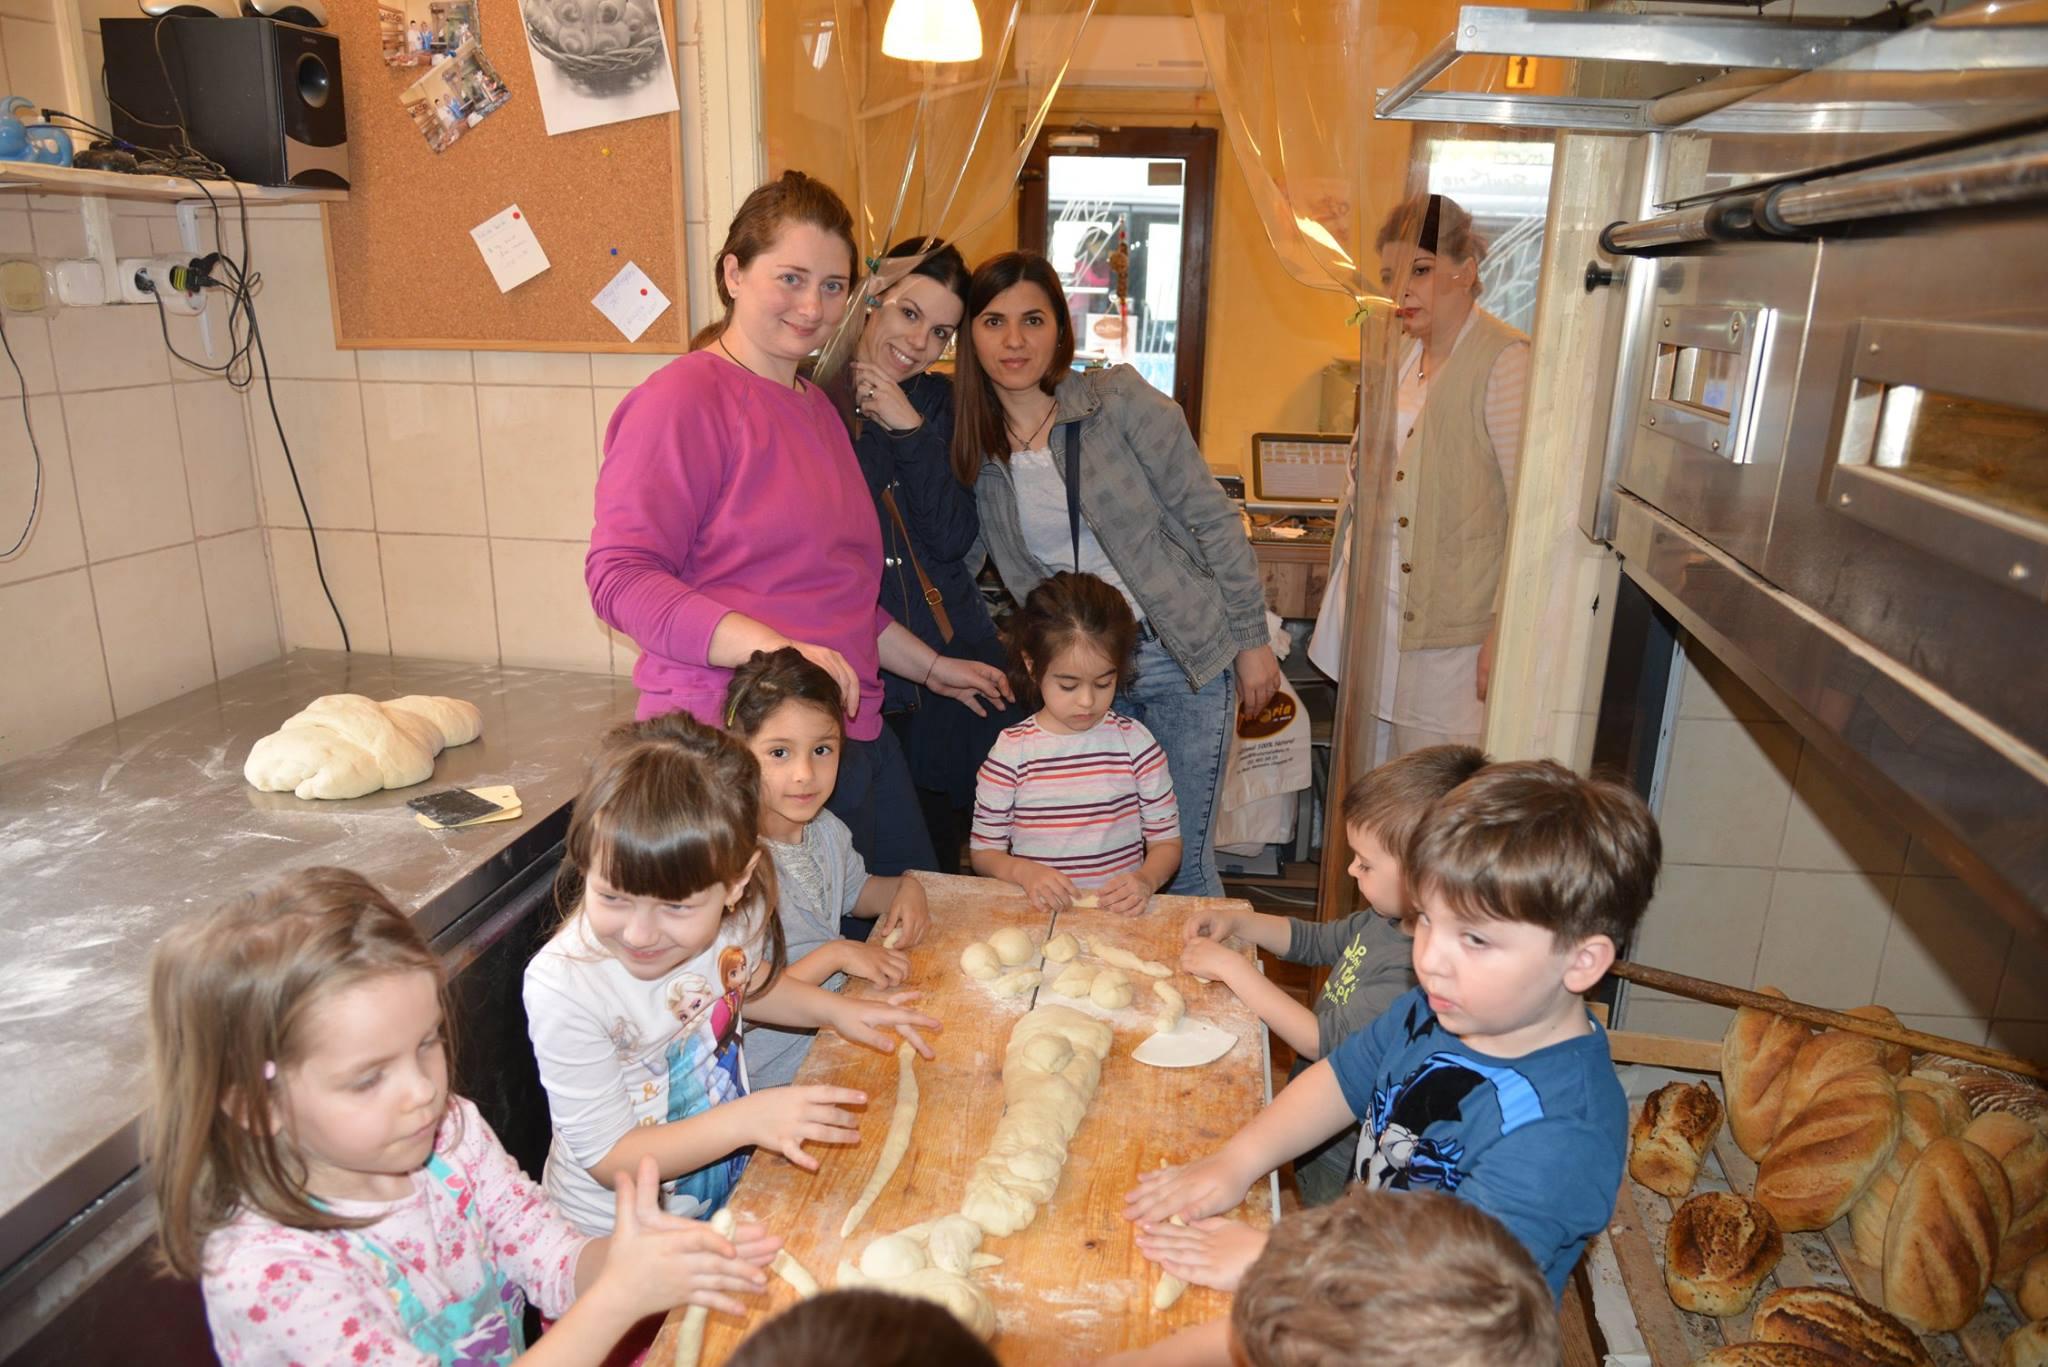 activitatisciale-scoalaaltfel-apr2015_26